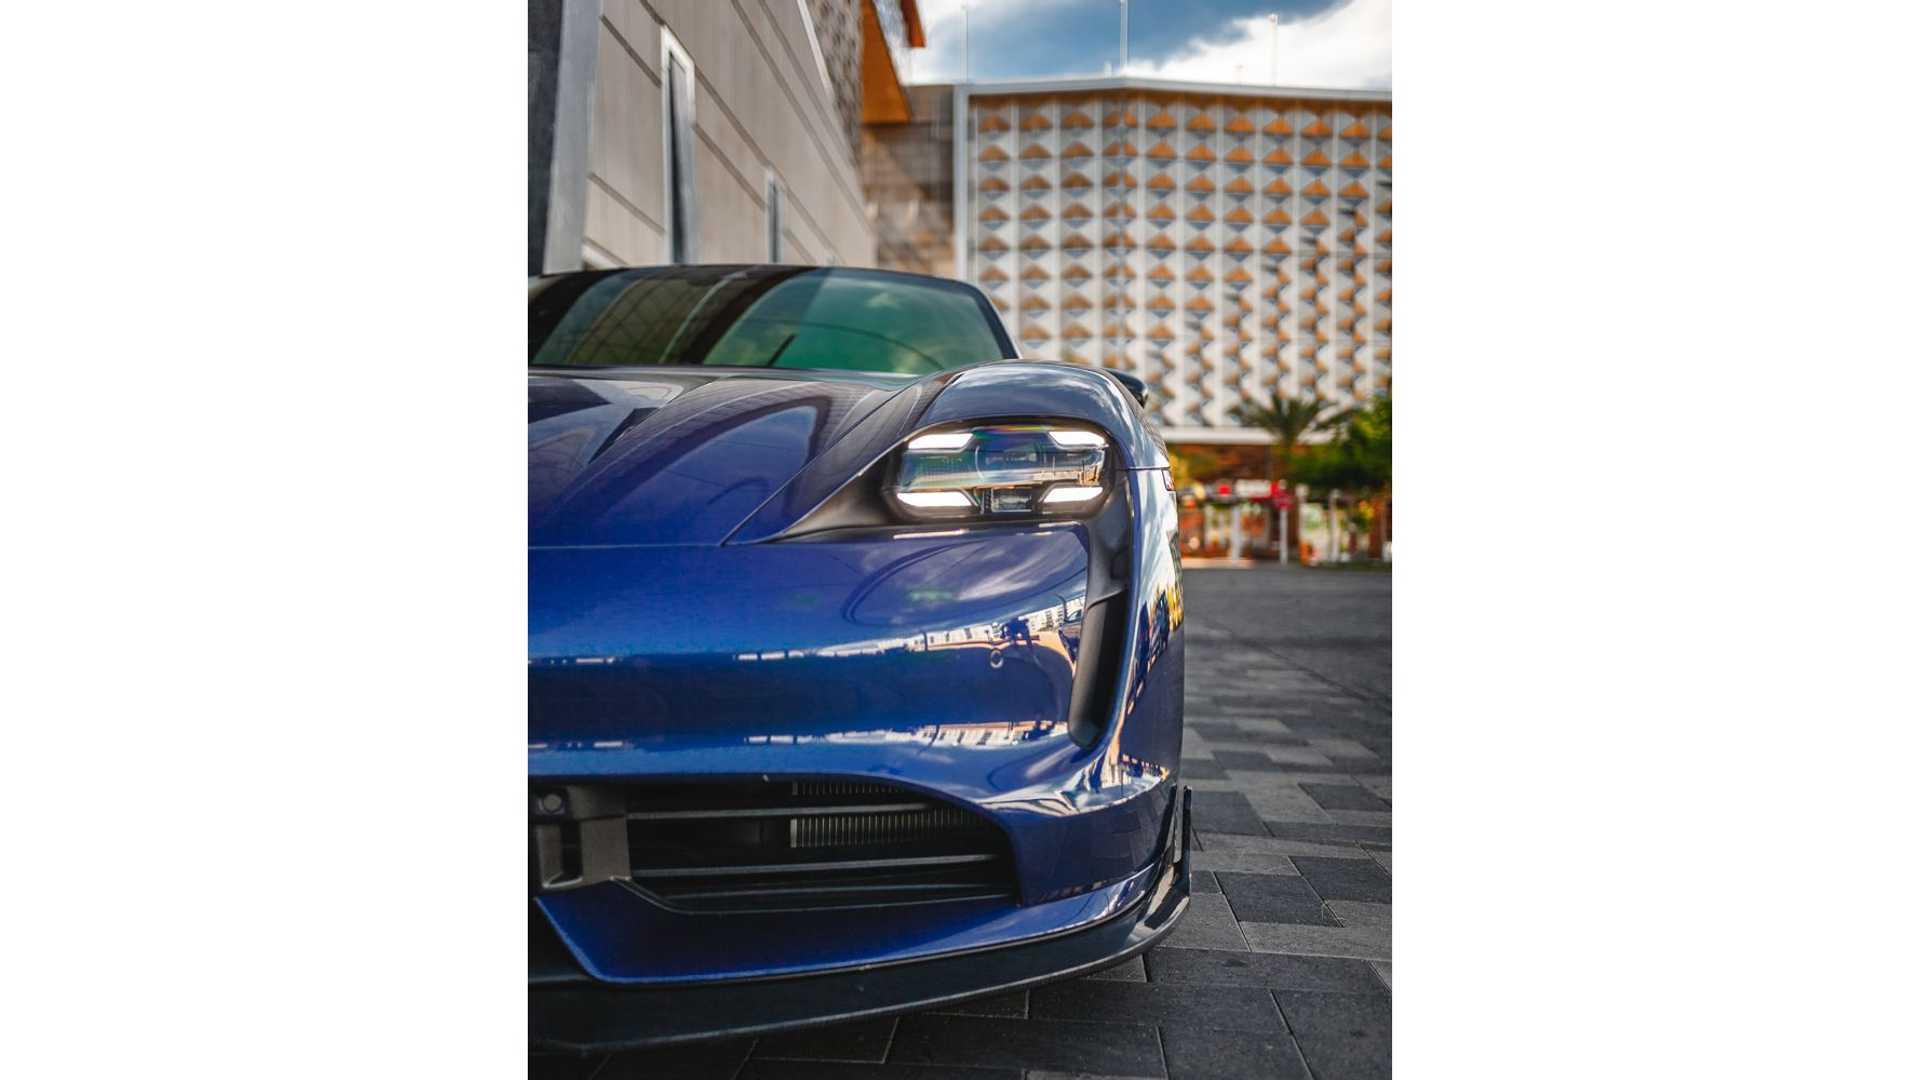 Porsche-Taycan-by-Vivid-Racing-37